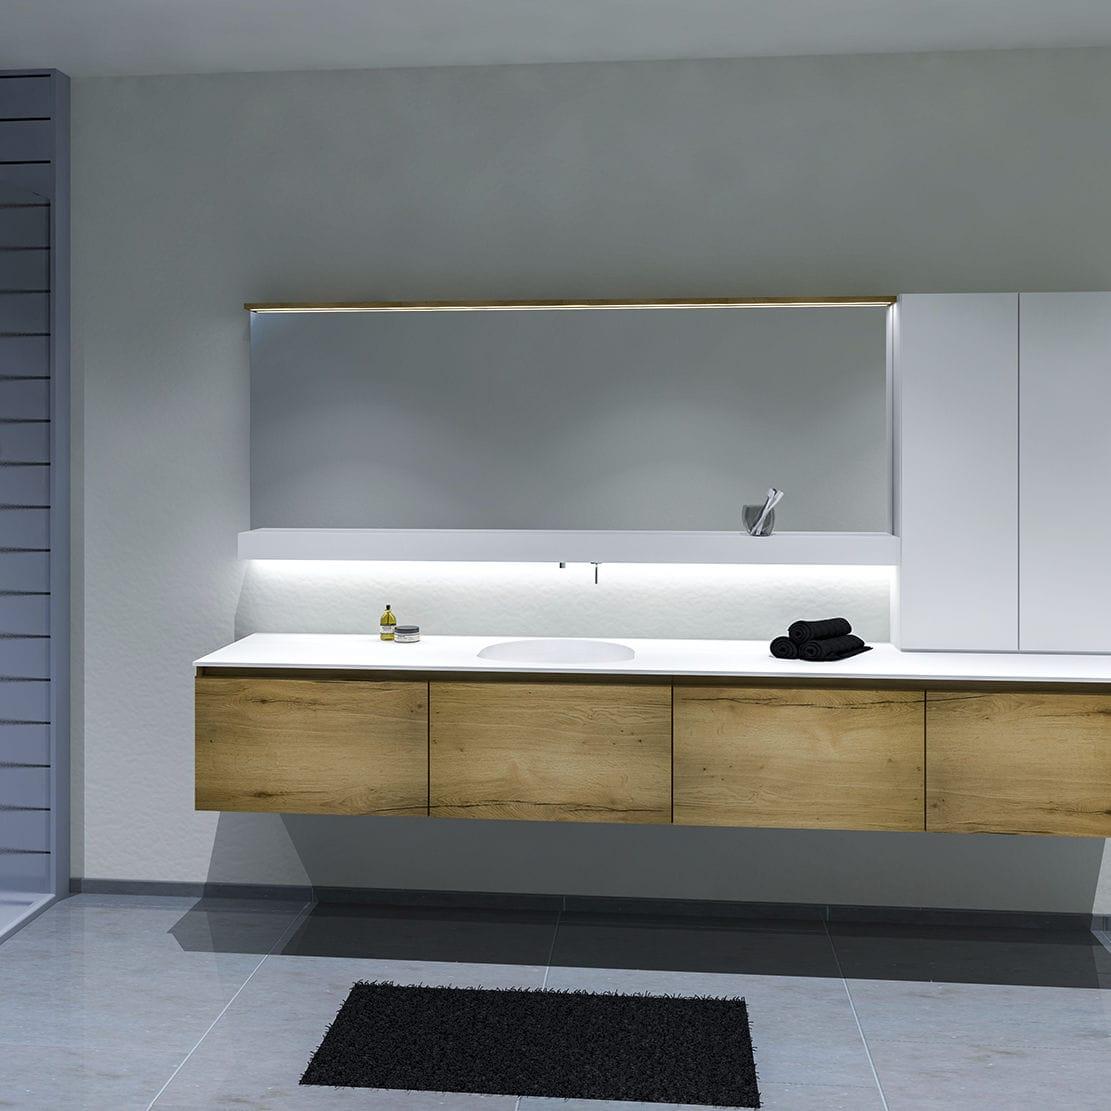 Salle De Bain Avec Bois meuble de salle de bain contemporain / en bois / mural